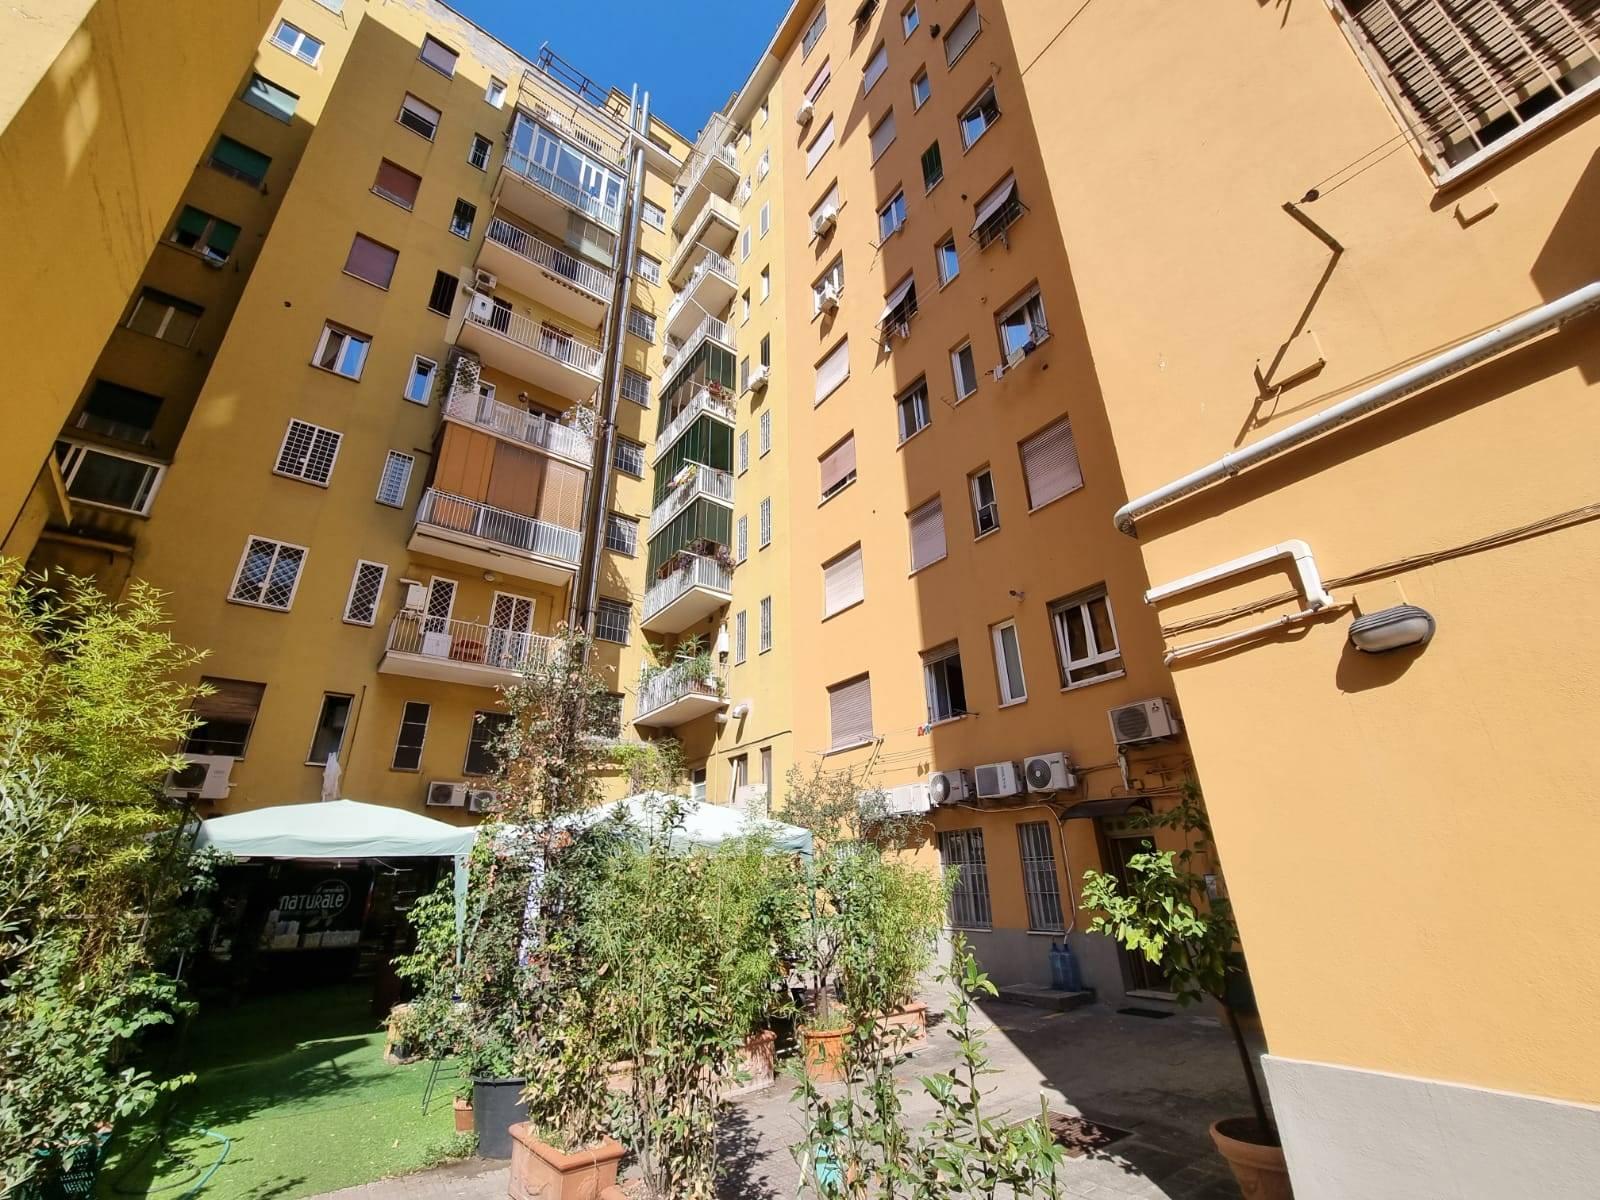 Largo Somalia, nei pressi del Parco Villa Chigi, a 10 minuti dalla metro Libia, proponiamo in affitto appartamento USO UFFICIO, posto al piano terra